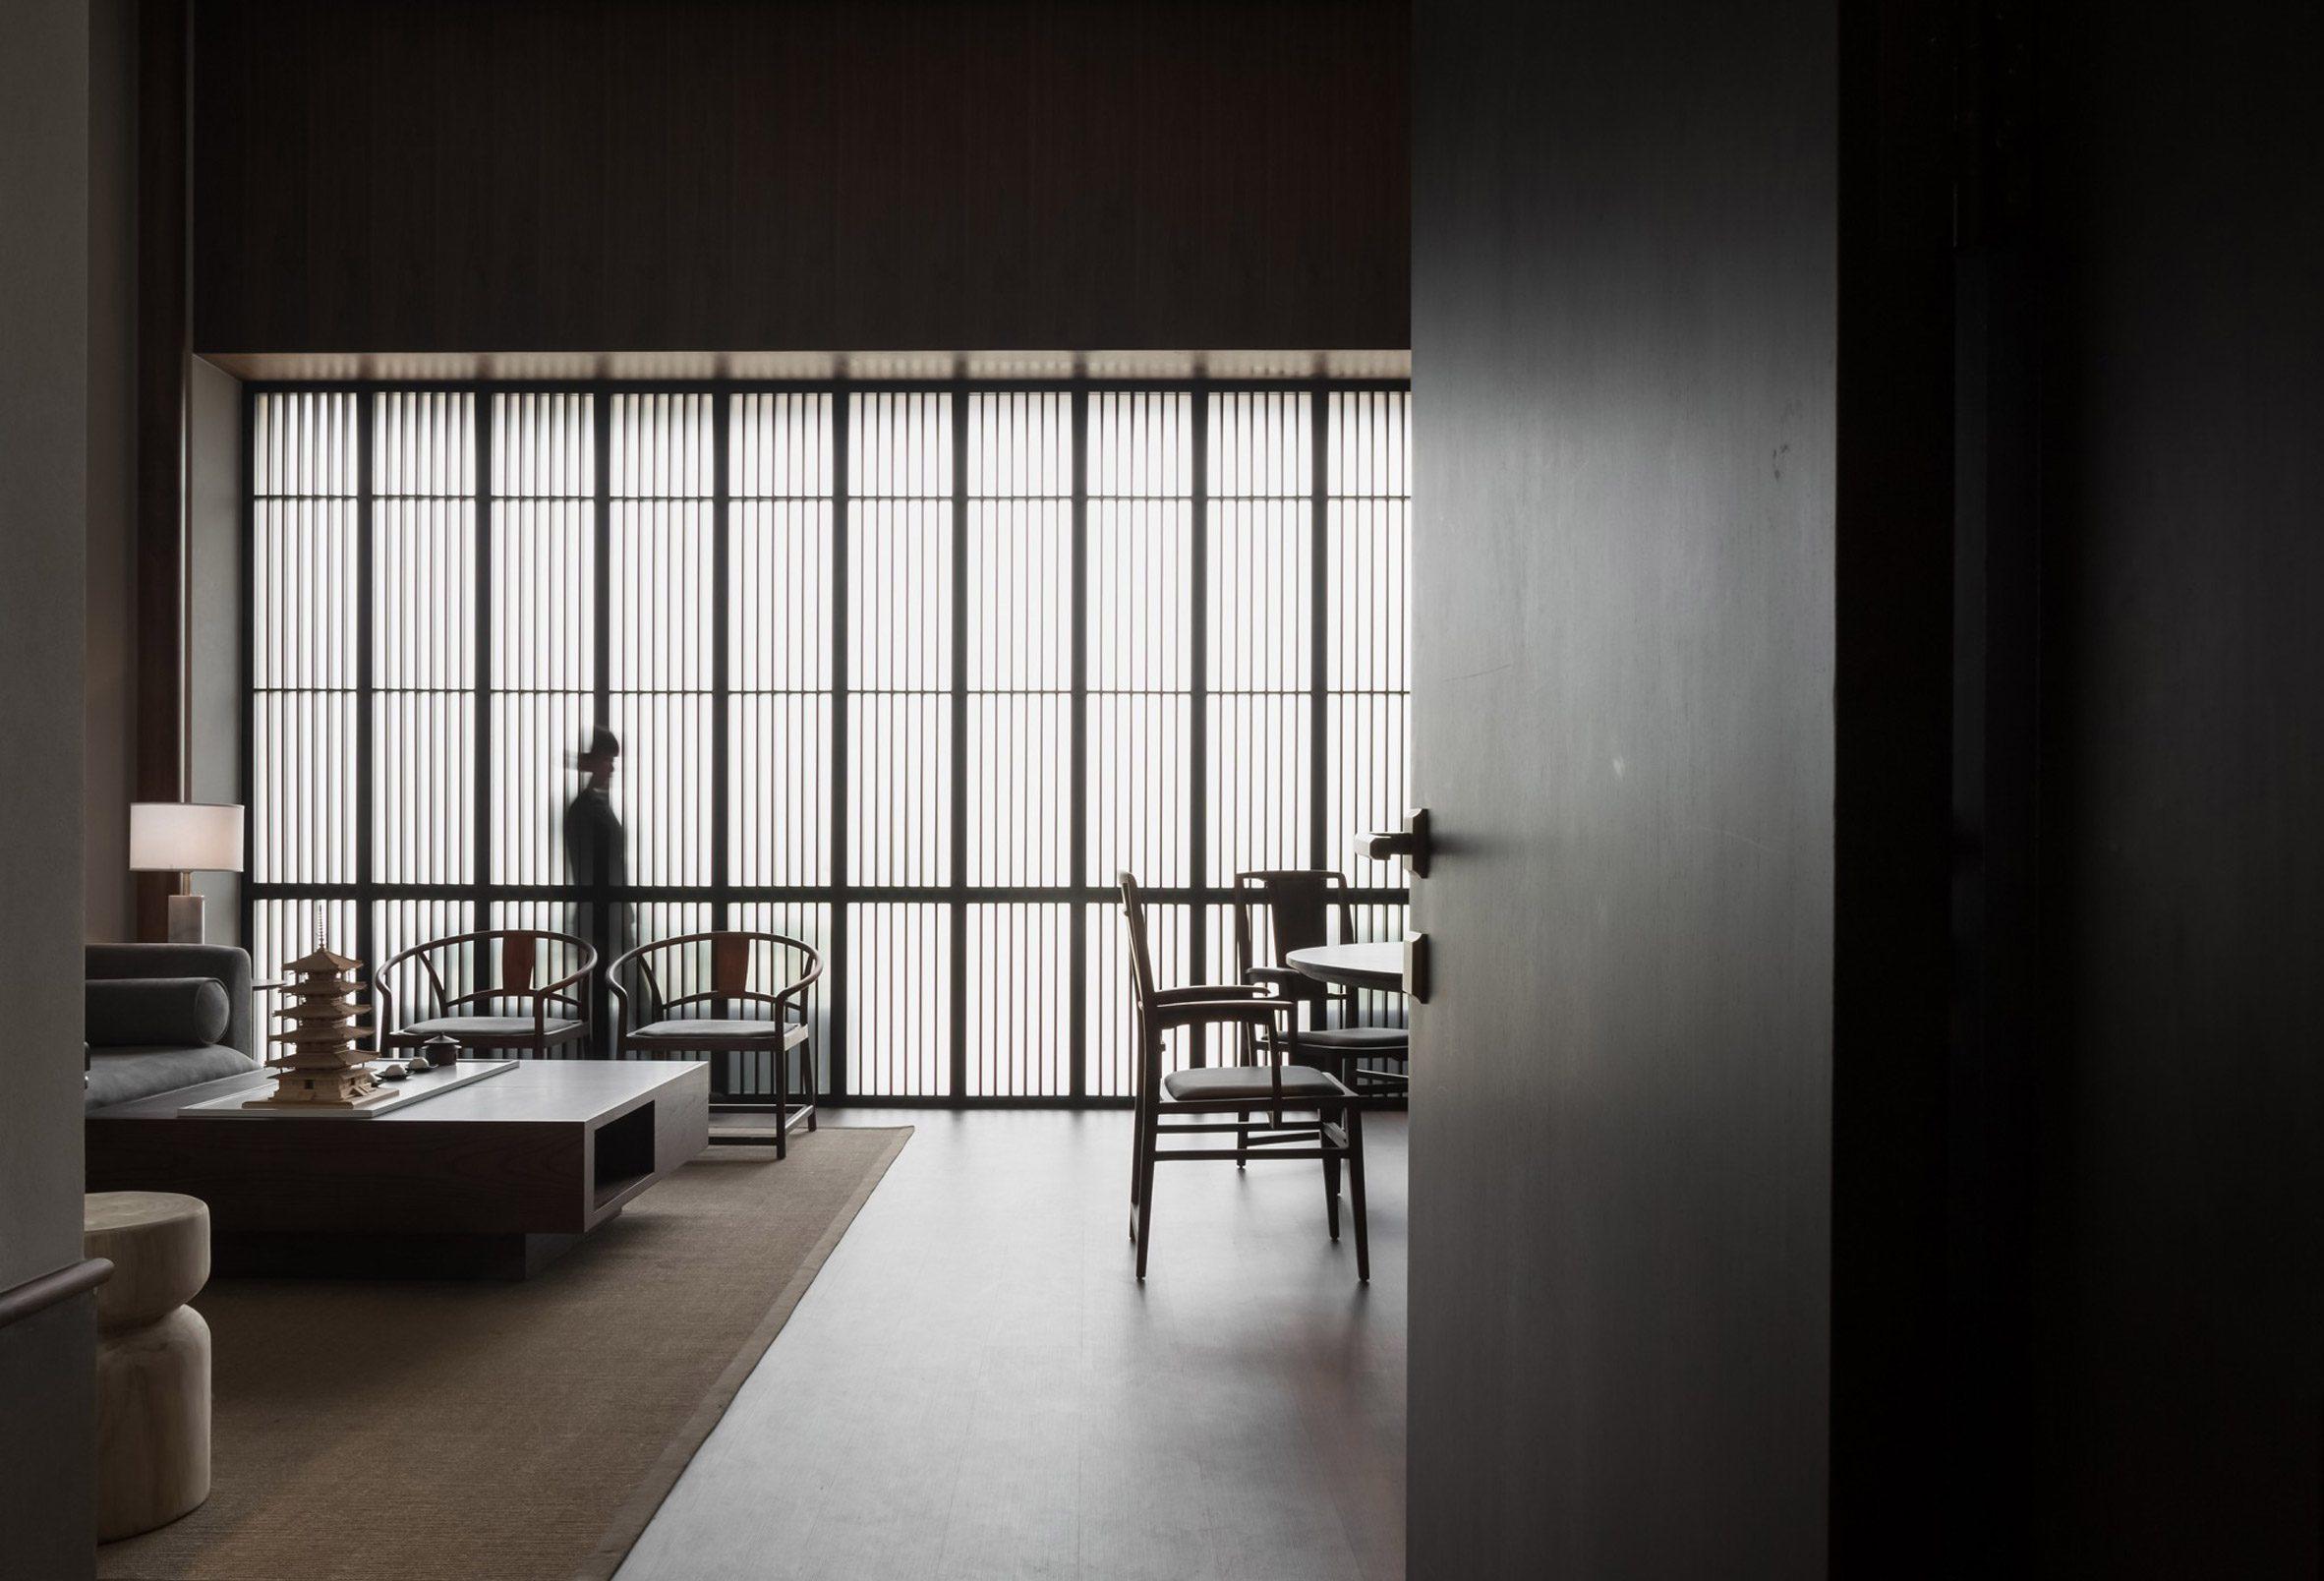 Интерьер от JG Phoenix с полупрозрачными ширмами и деревянной мебелью